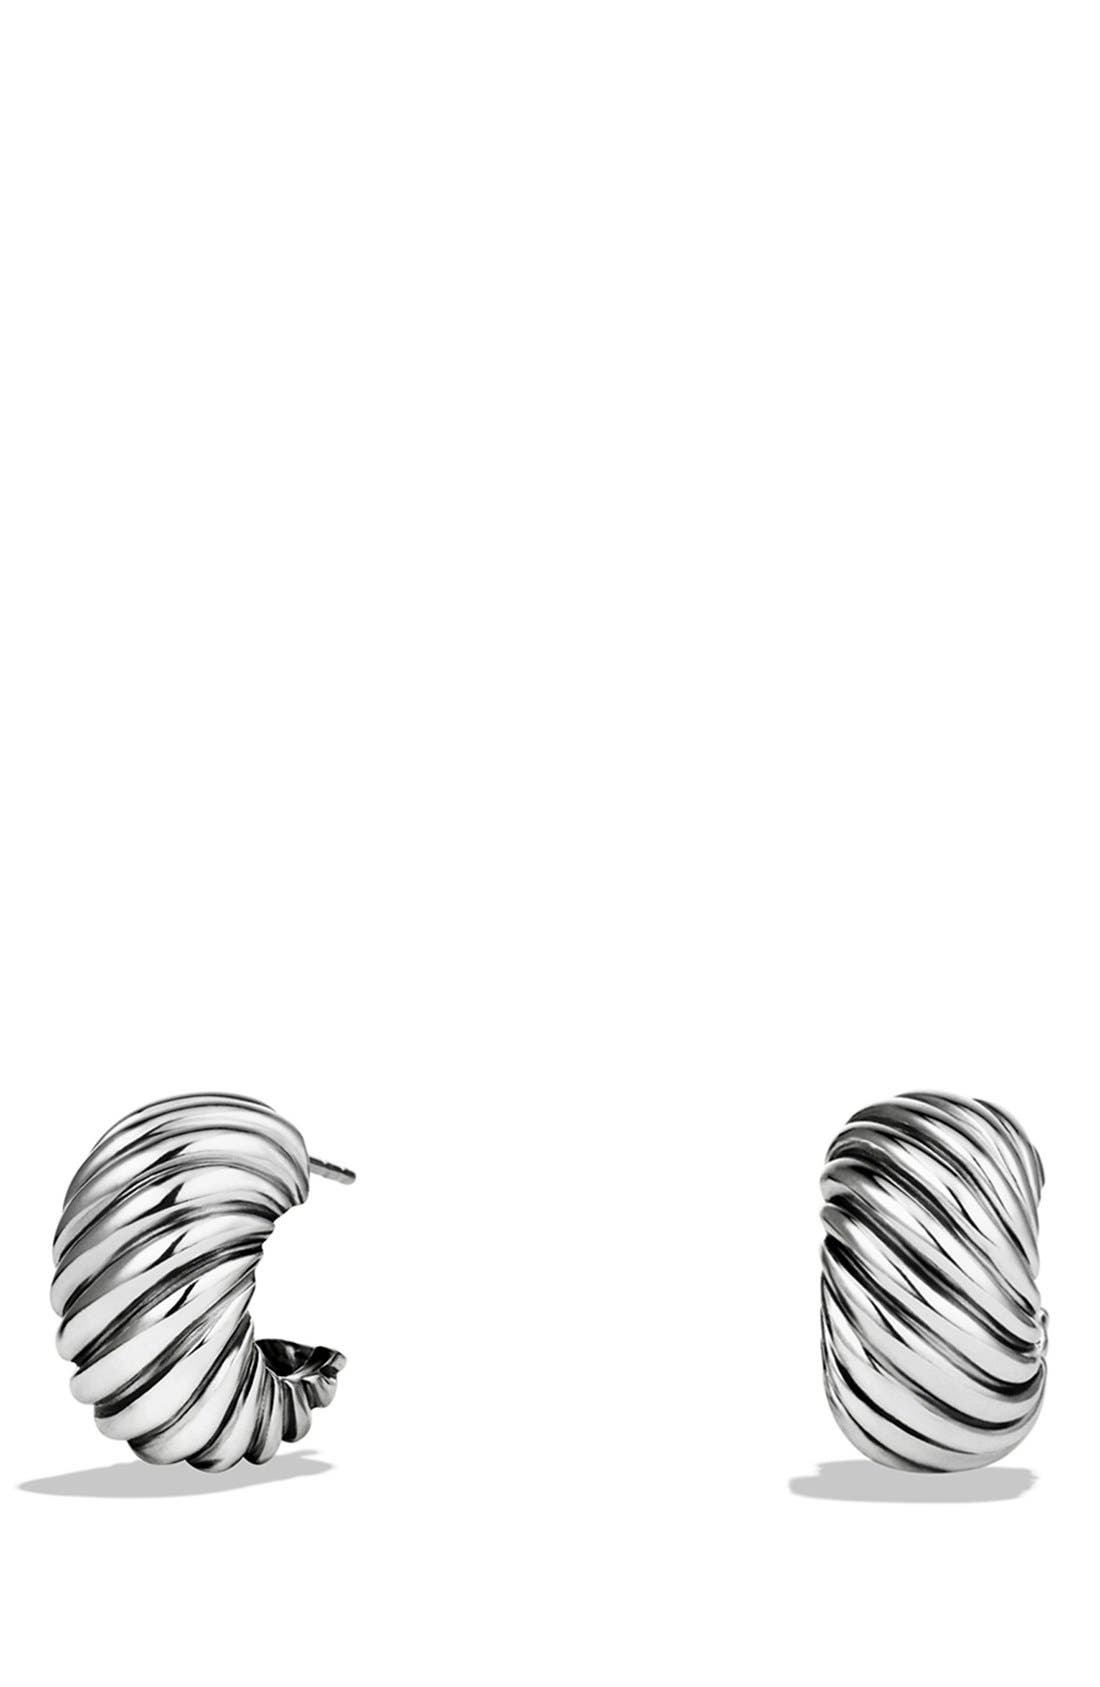 David Yurman 'Cable Classics' Hoop Earrings